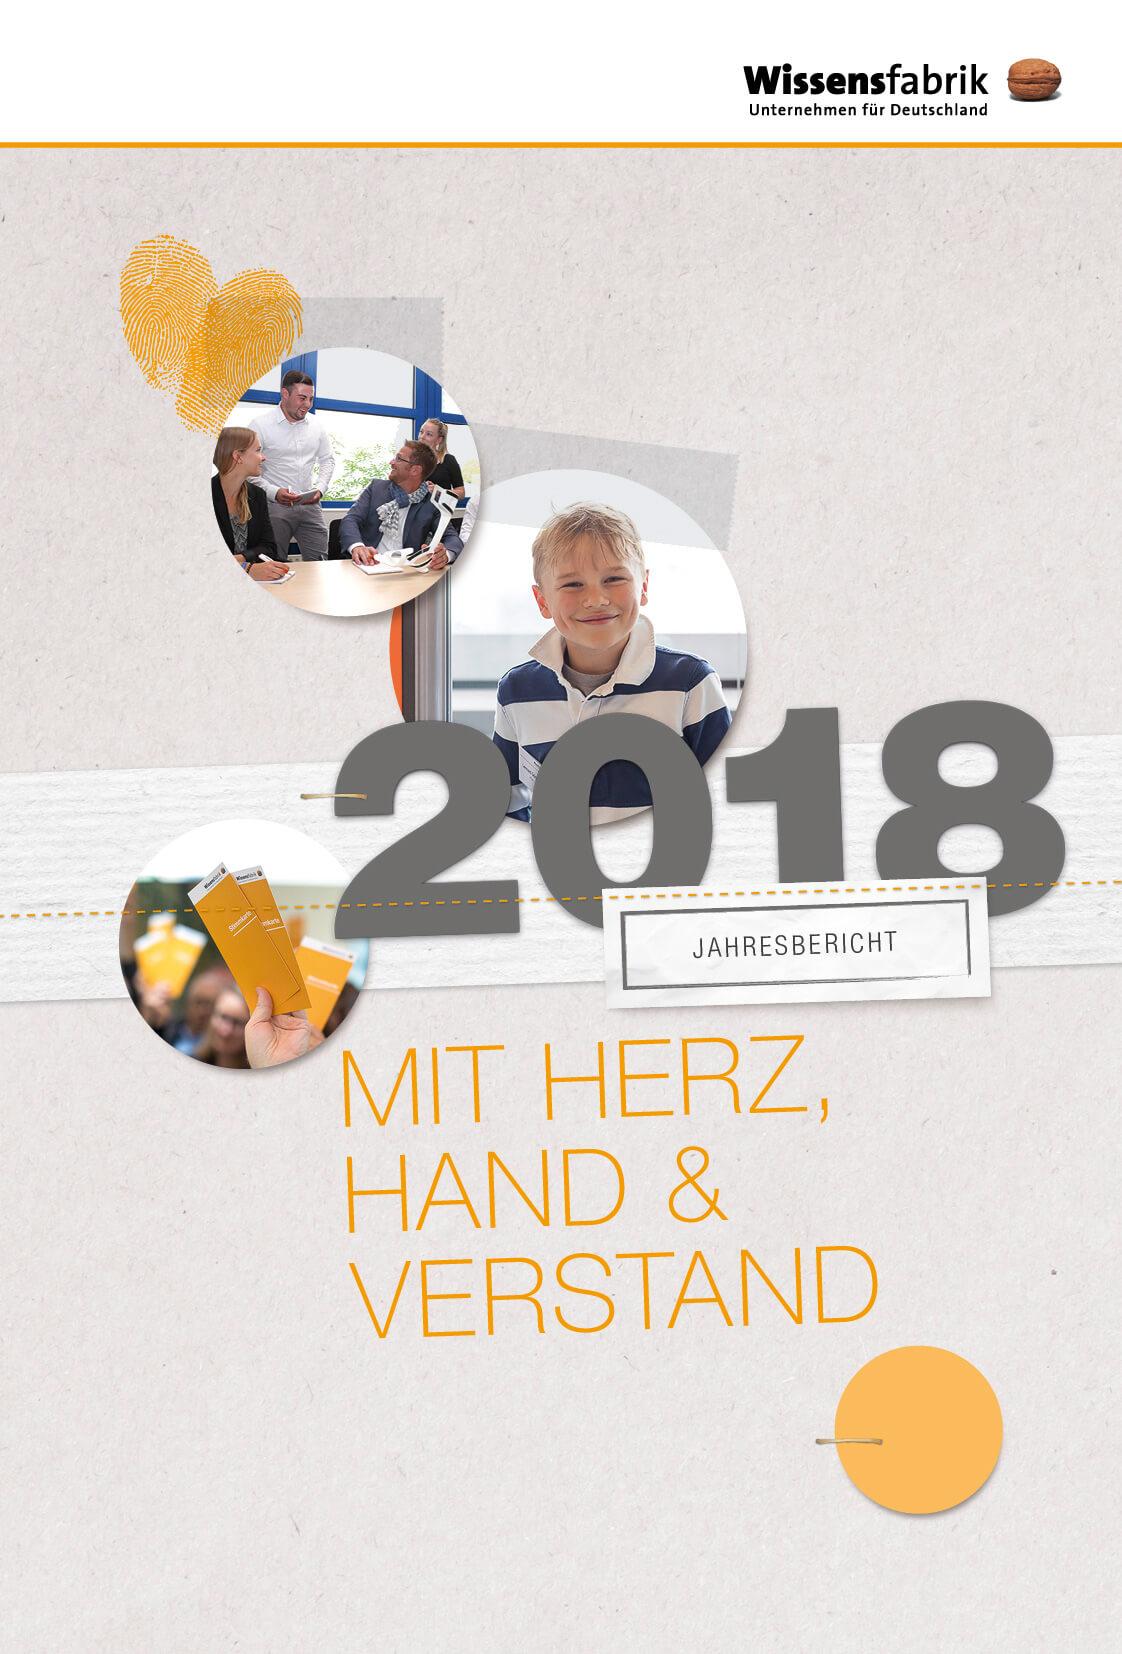 Drei Fotos illustrieren die Arbeit der Wissensfabrik unter dem Motto Mit Herz, Hand und Verstand für den Jahresbericht 2018